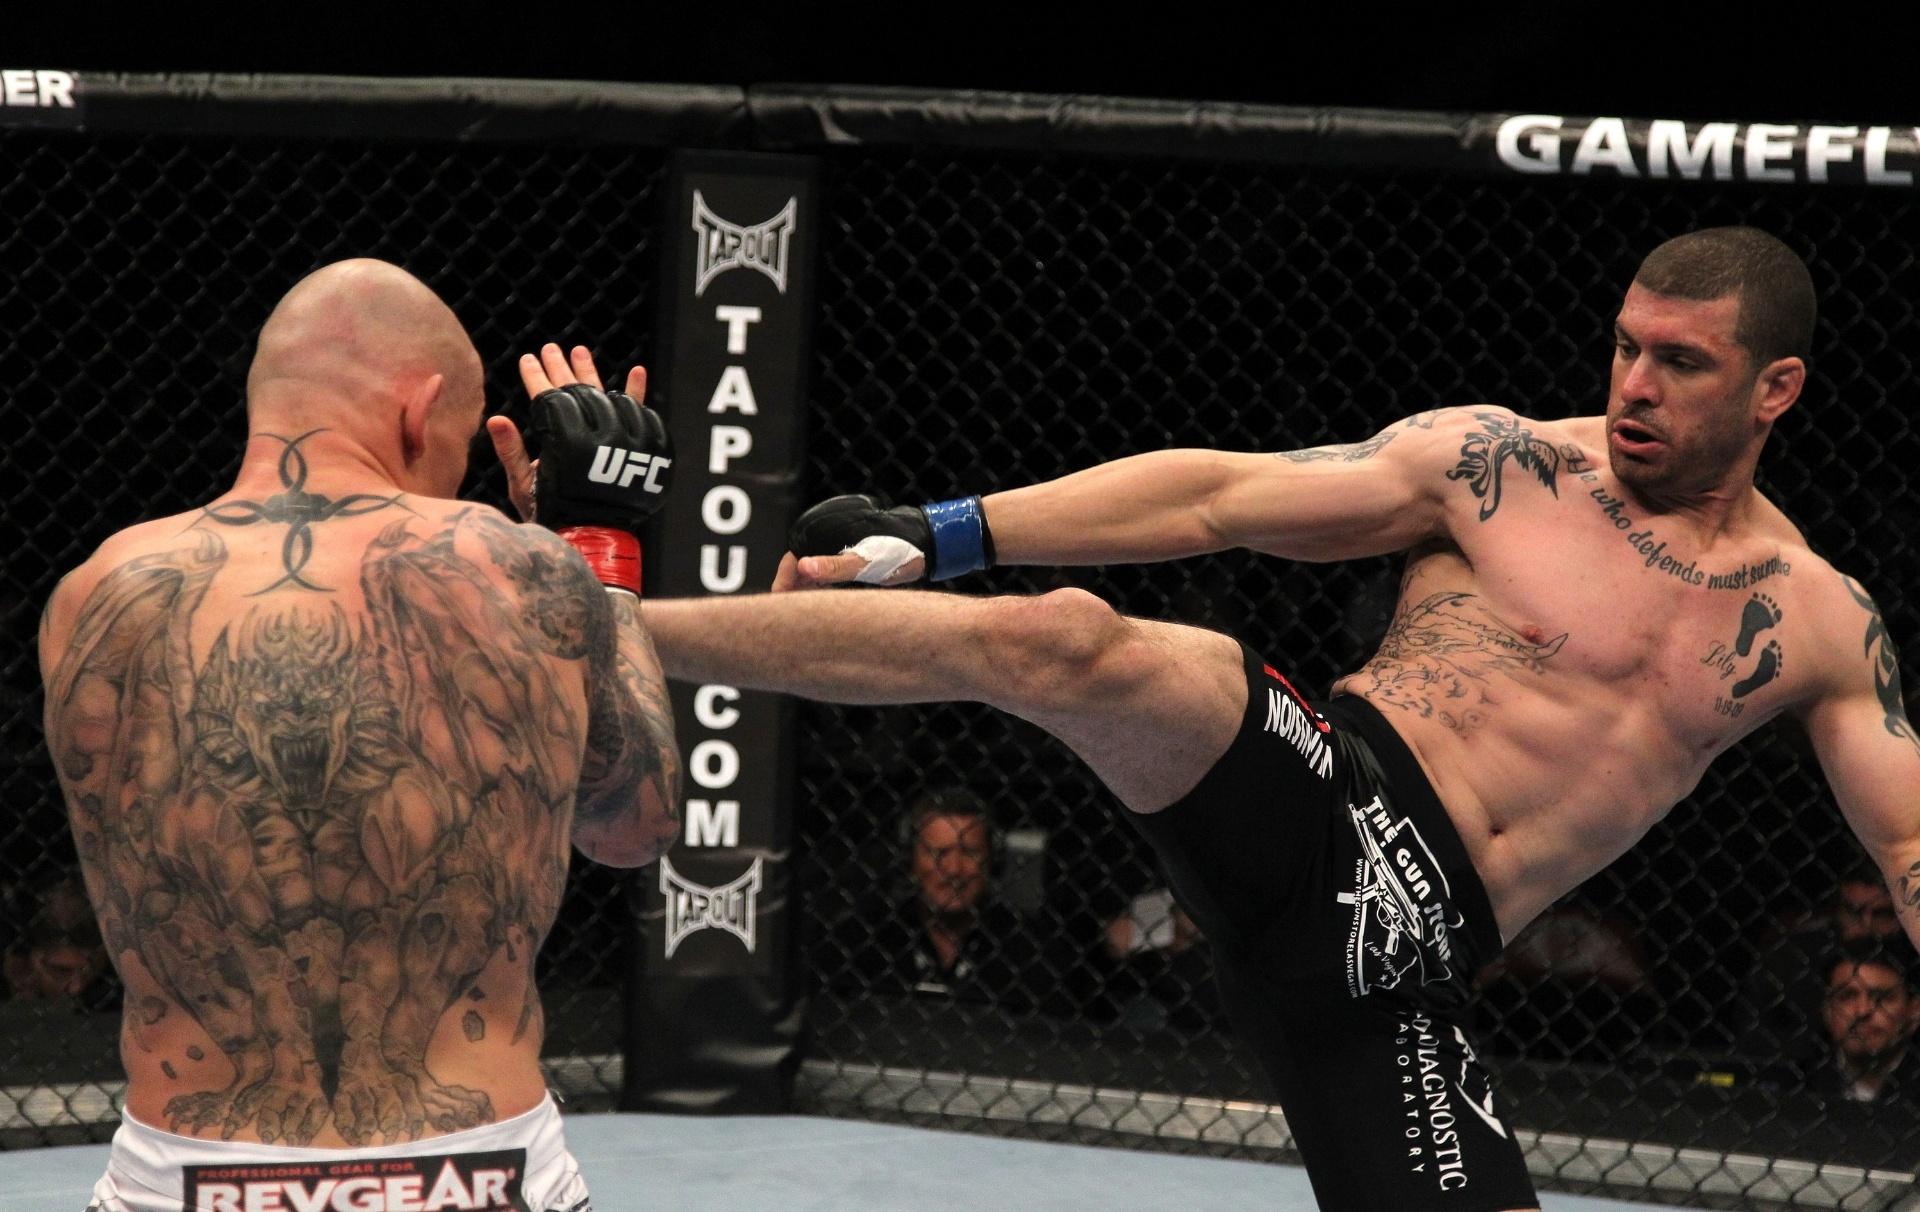 Krzysztof Soszynski, da Polônia, é mais um dos que fecharam as costas com suas tatuagens. A fera desenhada nas costas do lutador é uma das tatuagens mais impressionantes entre os lutadores